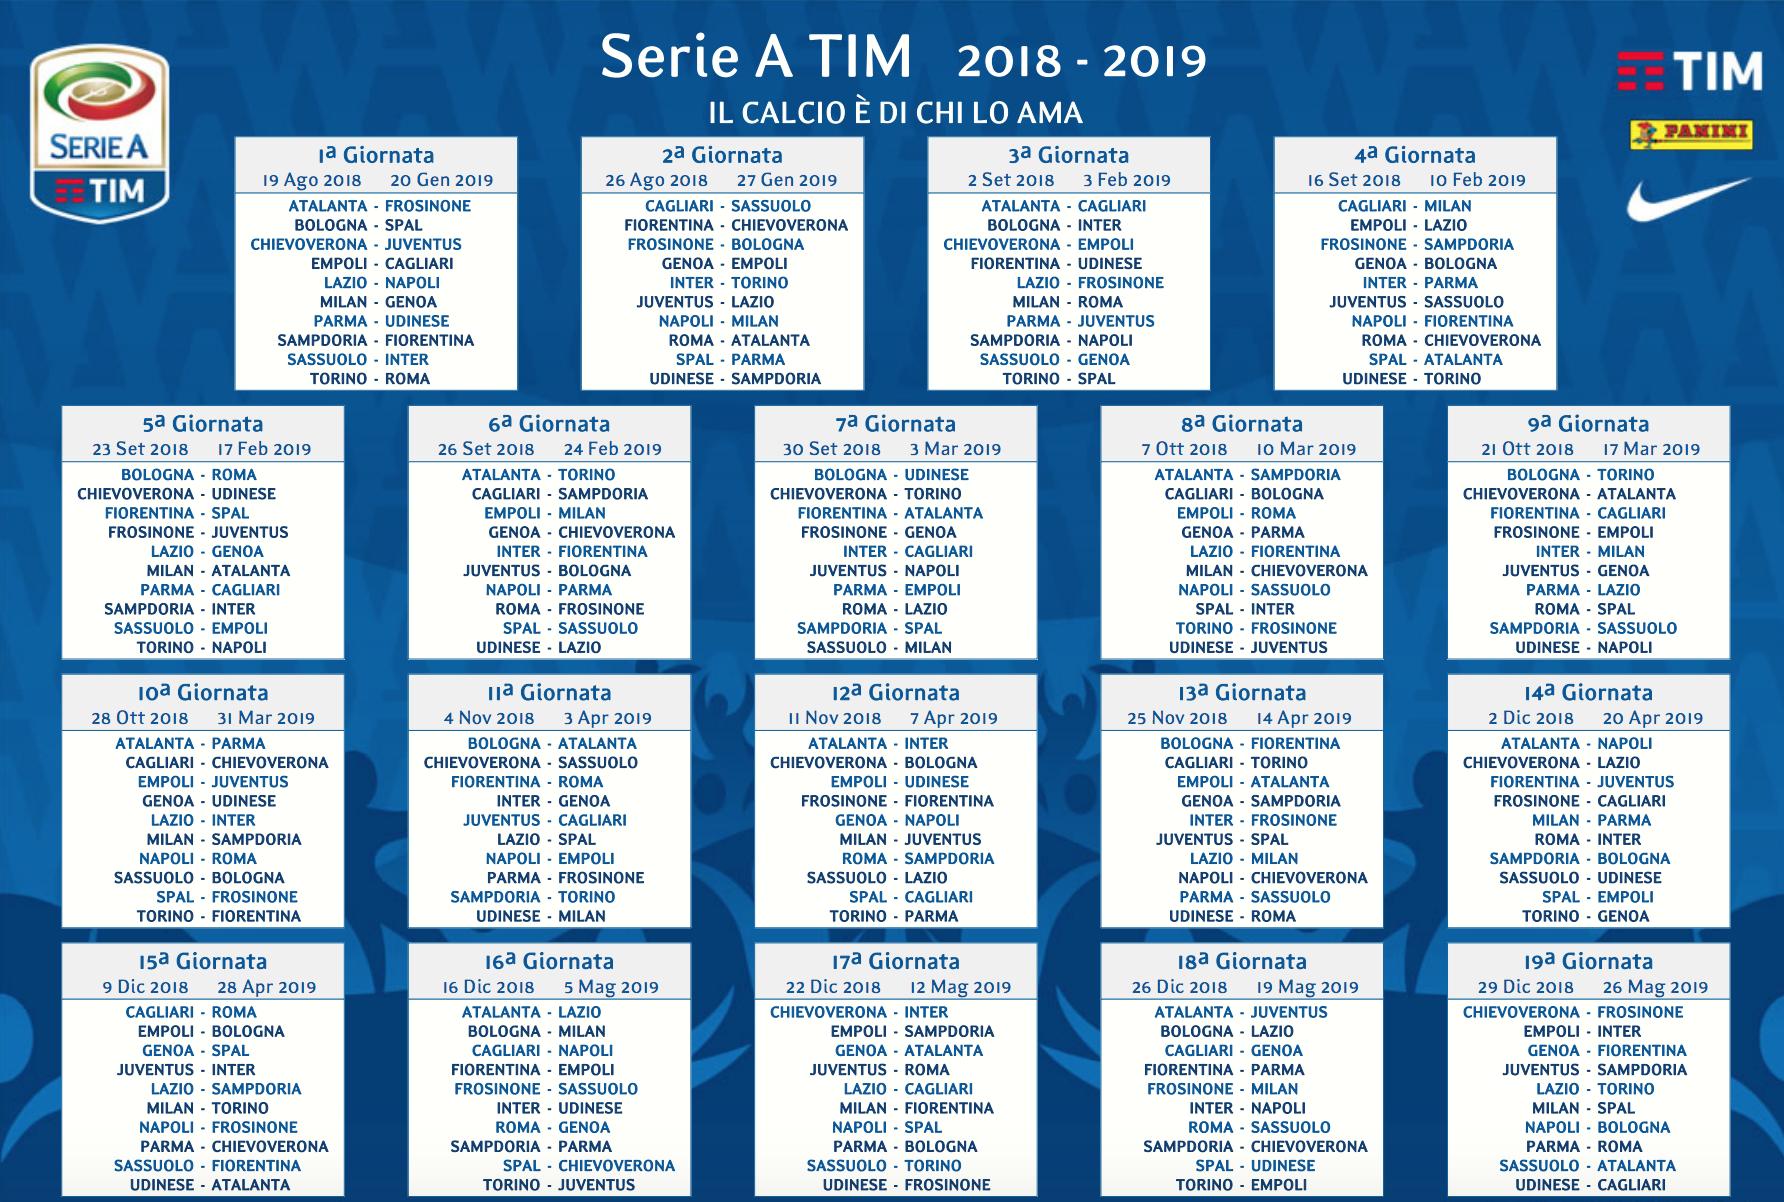 Calendario Roma.Calendario Roma Le Partite Della Roma Nella Stagione 2018